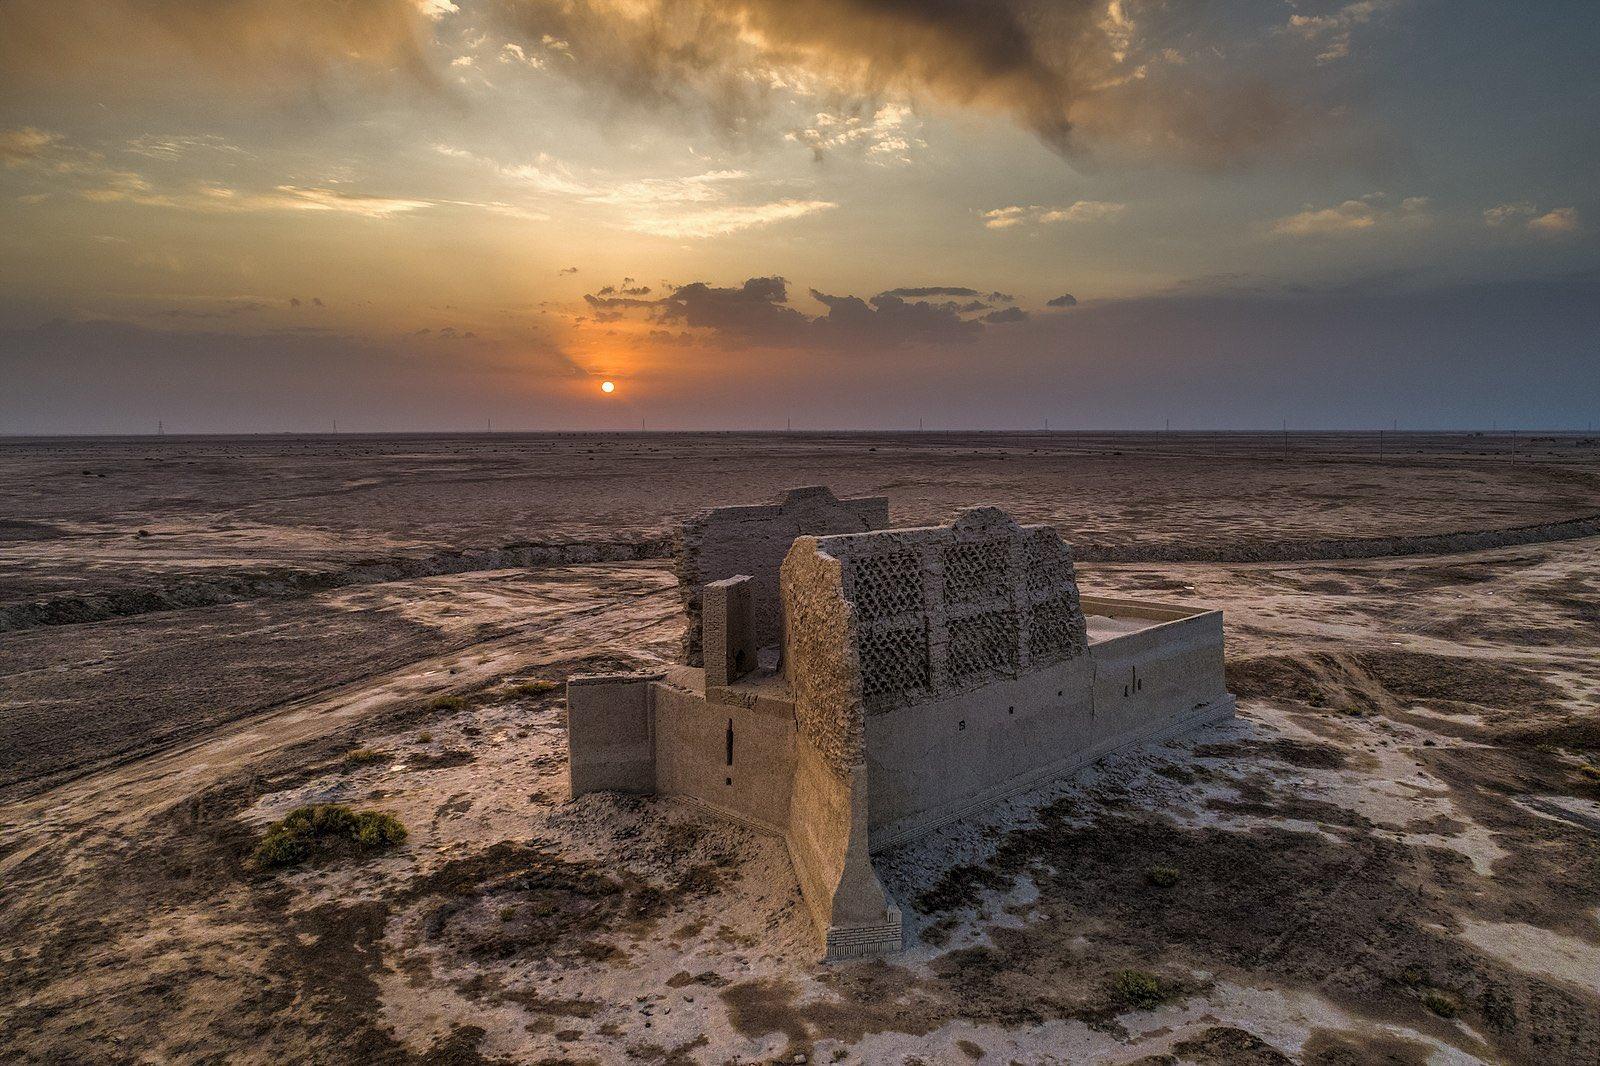 نمایی دیدنی از آسیاب بادی در سیستان+عکس